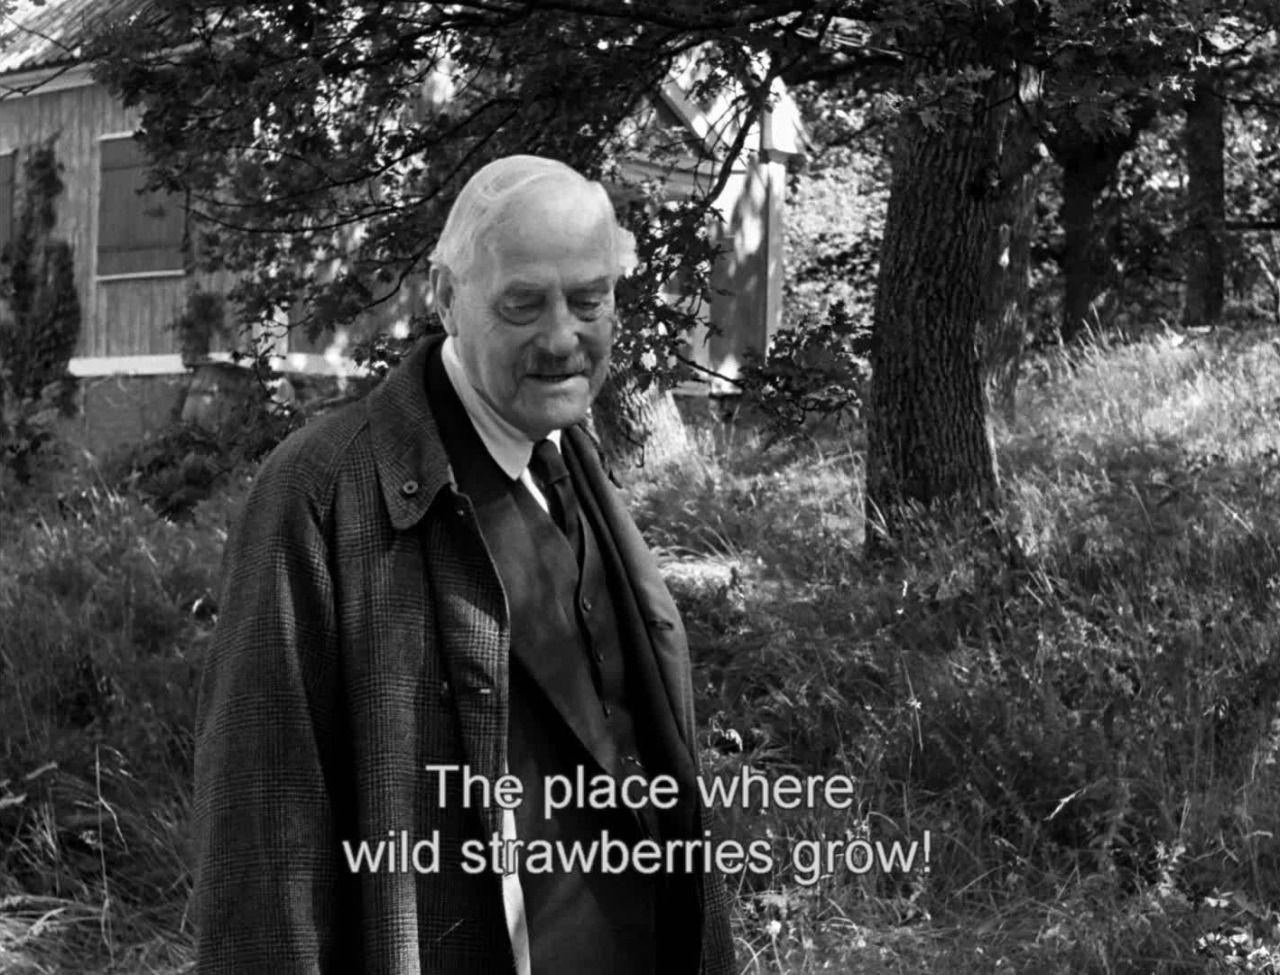 Smultronstället (Wild Strawberries) Ingmar Bergman